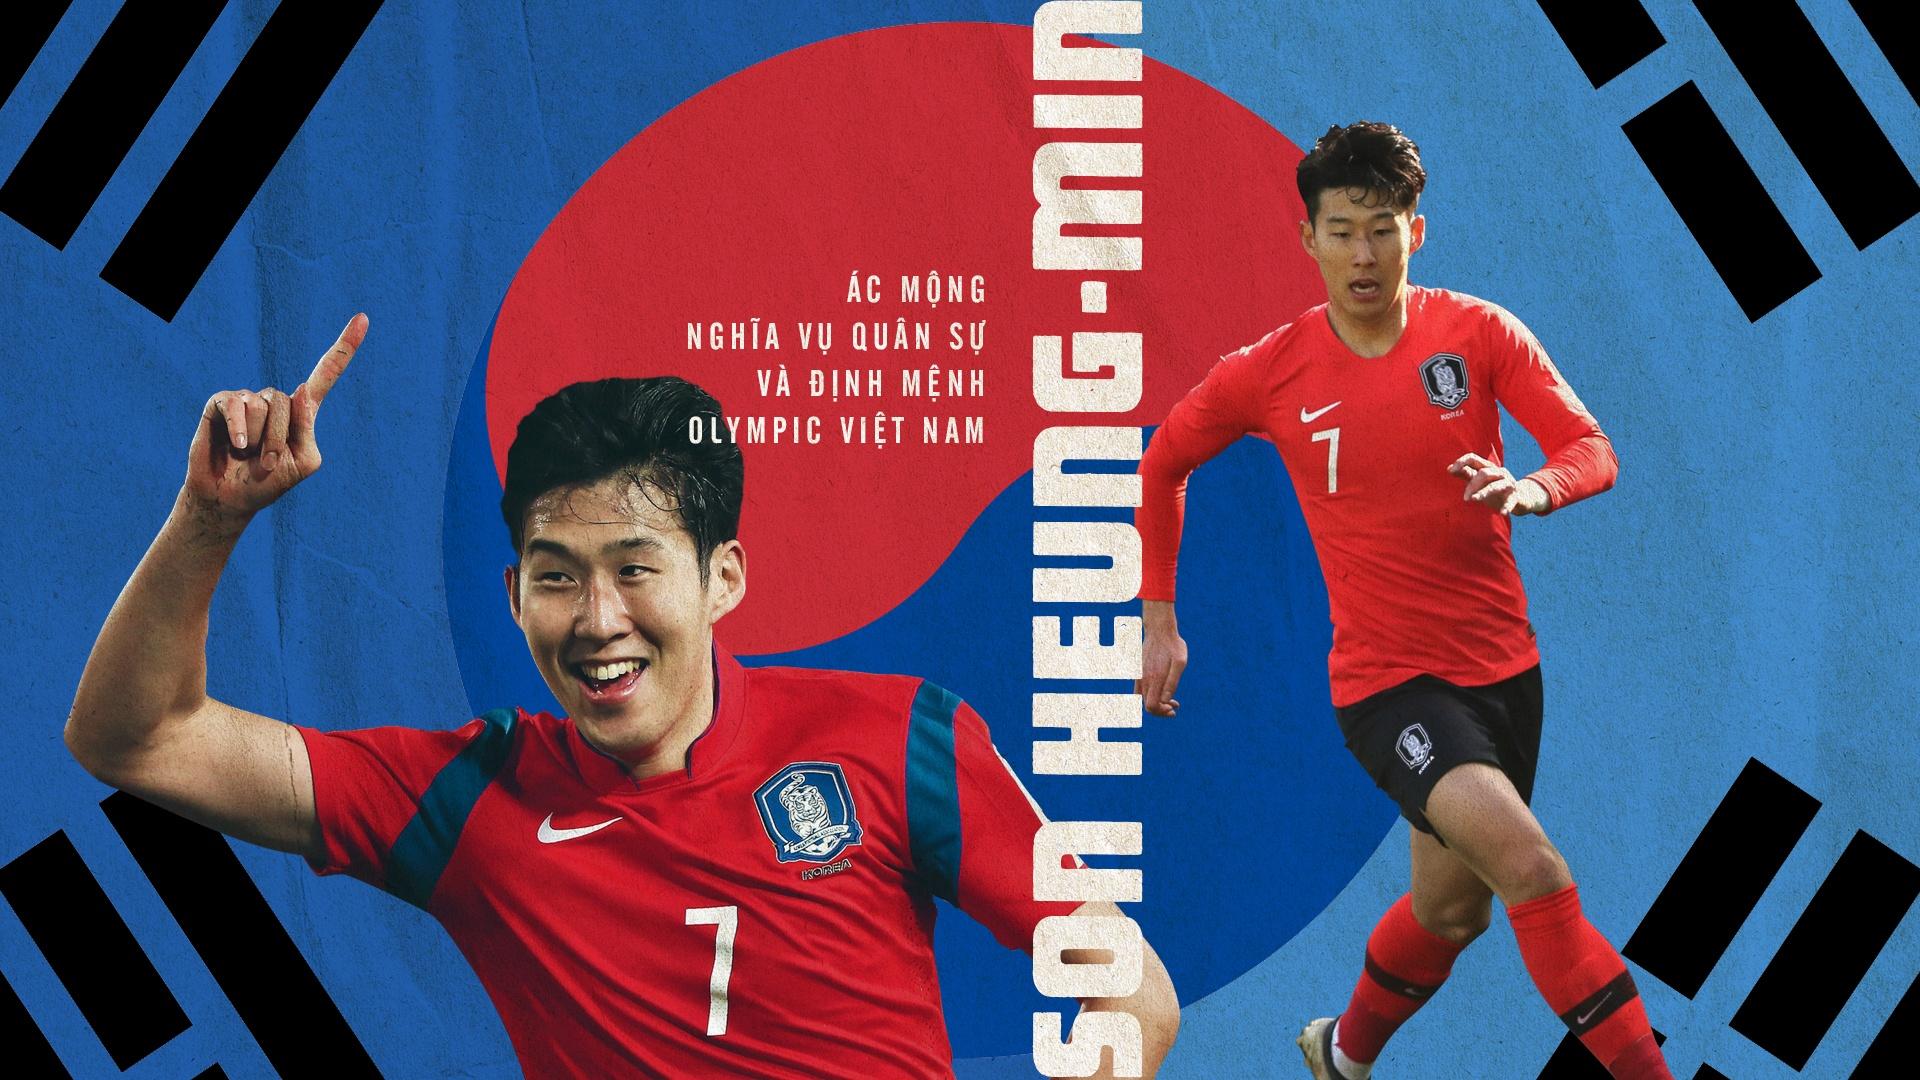 Son Heung-min: Ac mong nghia vu quan su va dinh menh Olympic Viet Nam hinh anh 2